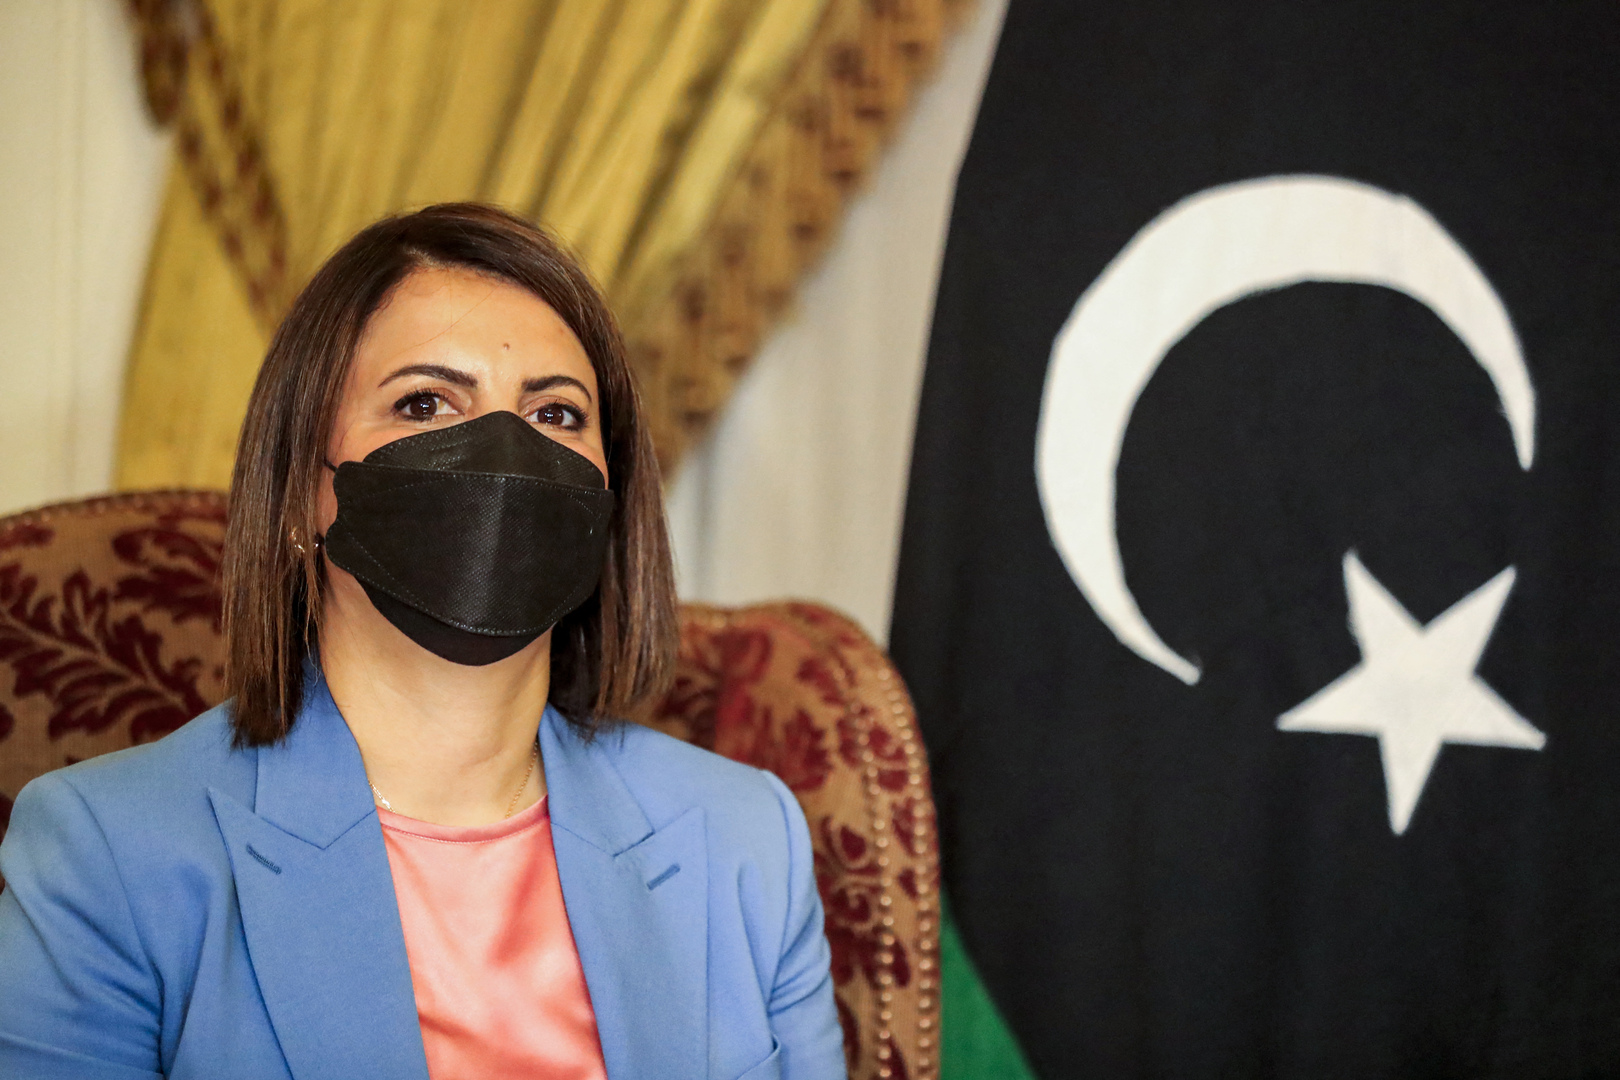 وزيرة الخارجية الليبية من القاهرة: العلاقات بين الشعبين المصري والليبي أكبر من المصالح المشتركة